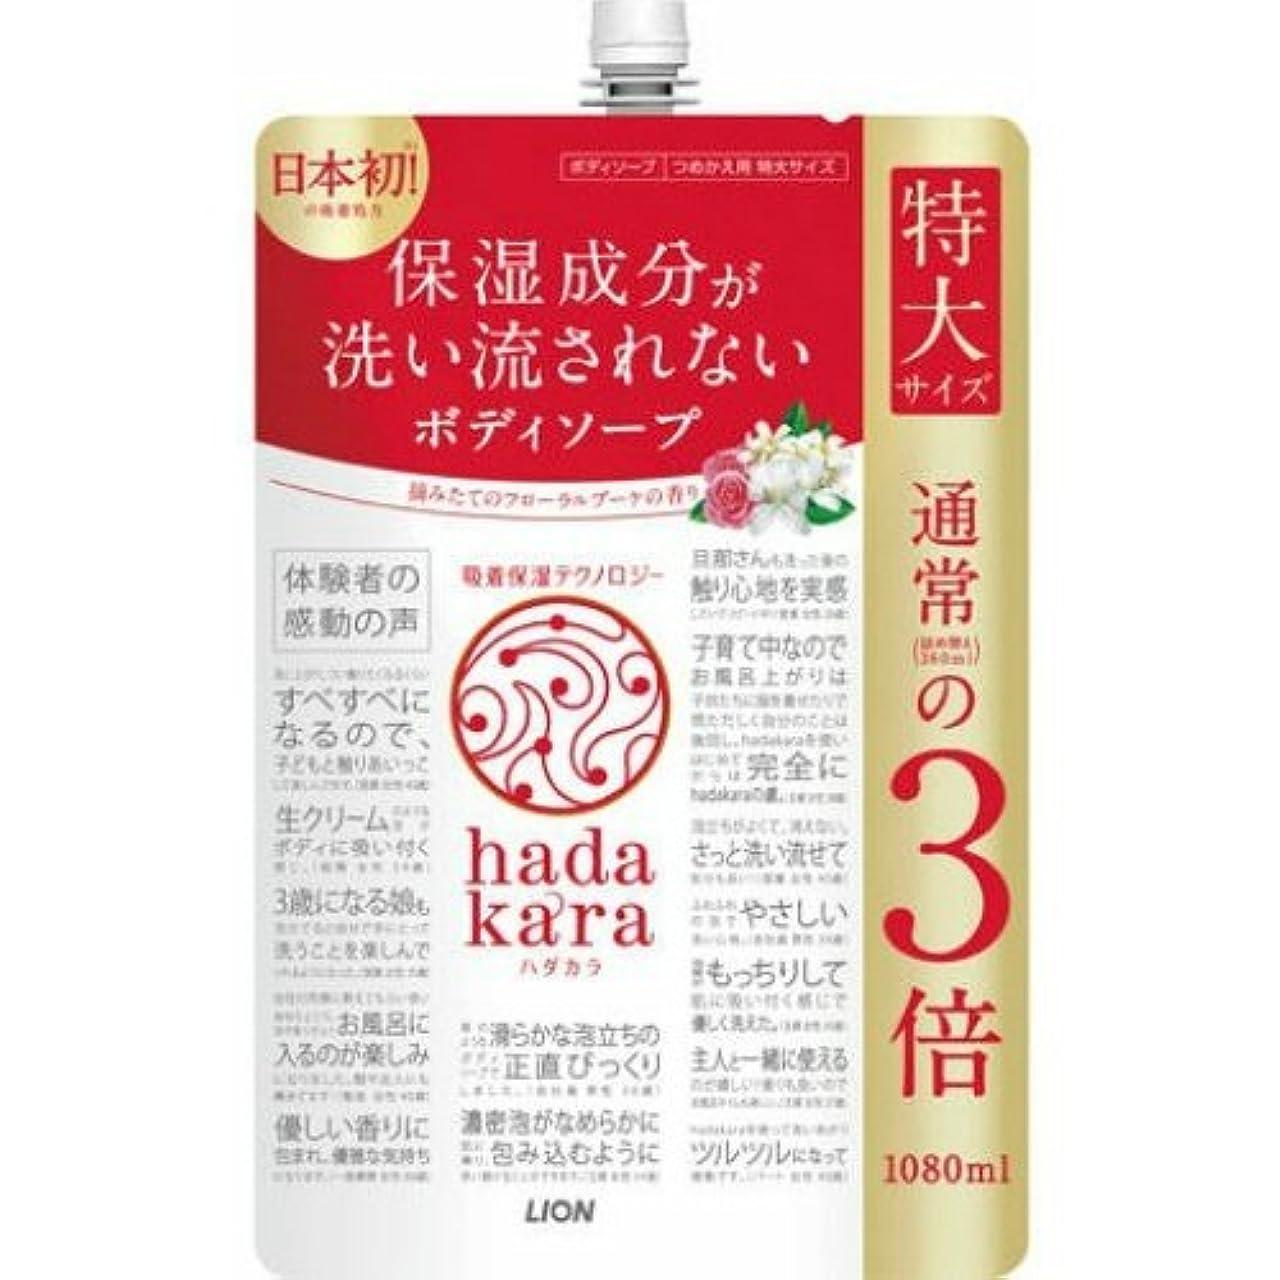 吸う前売クモLION ライオン hadakara ハダカラ ボディソープ フローラルブーケの香り つめかえ用 特大サイズ 1080ml ×3点セット(4903301260875)